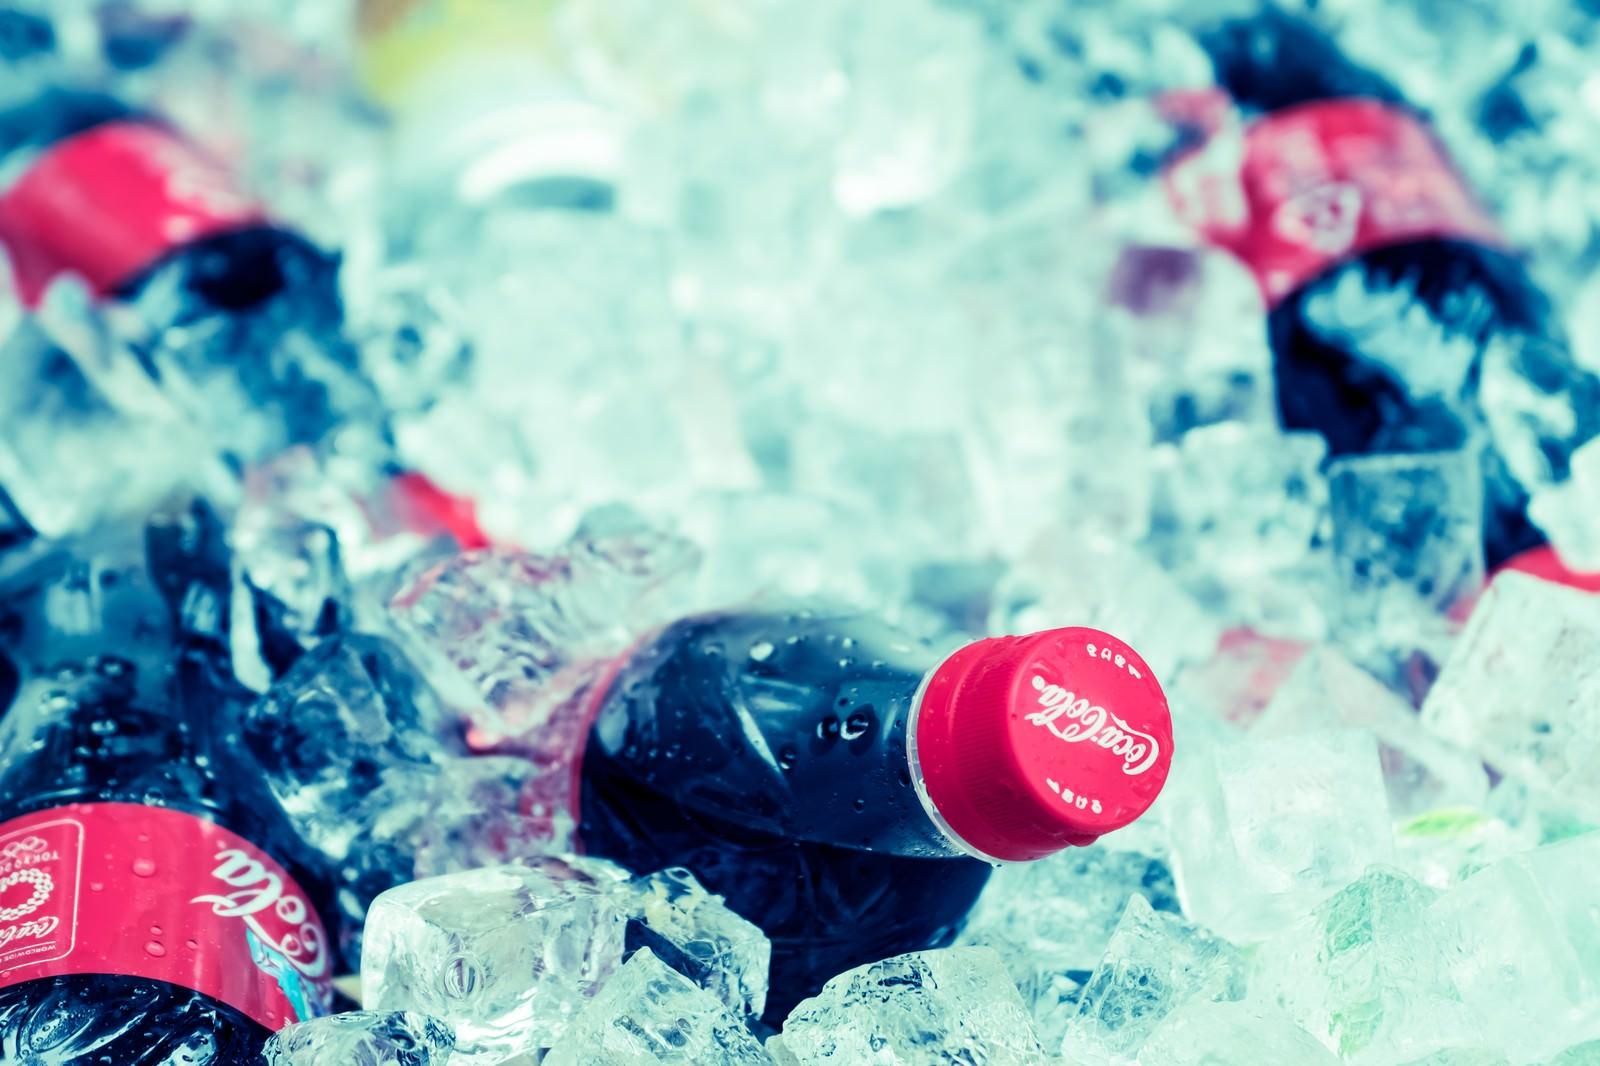 「キンキンに冷えたペットボトルキンキンに冷えたペットボトル」のフリー写真素材を拡大